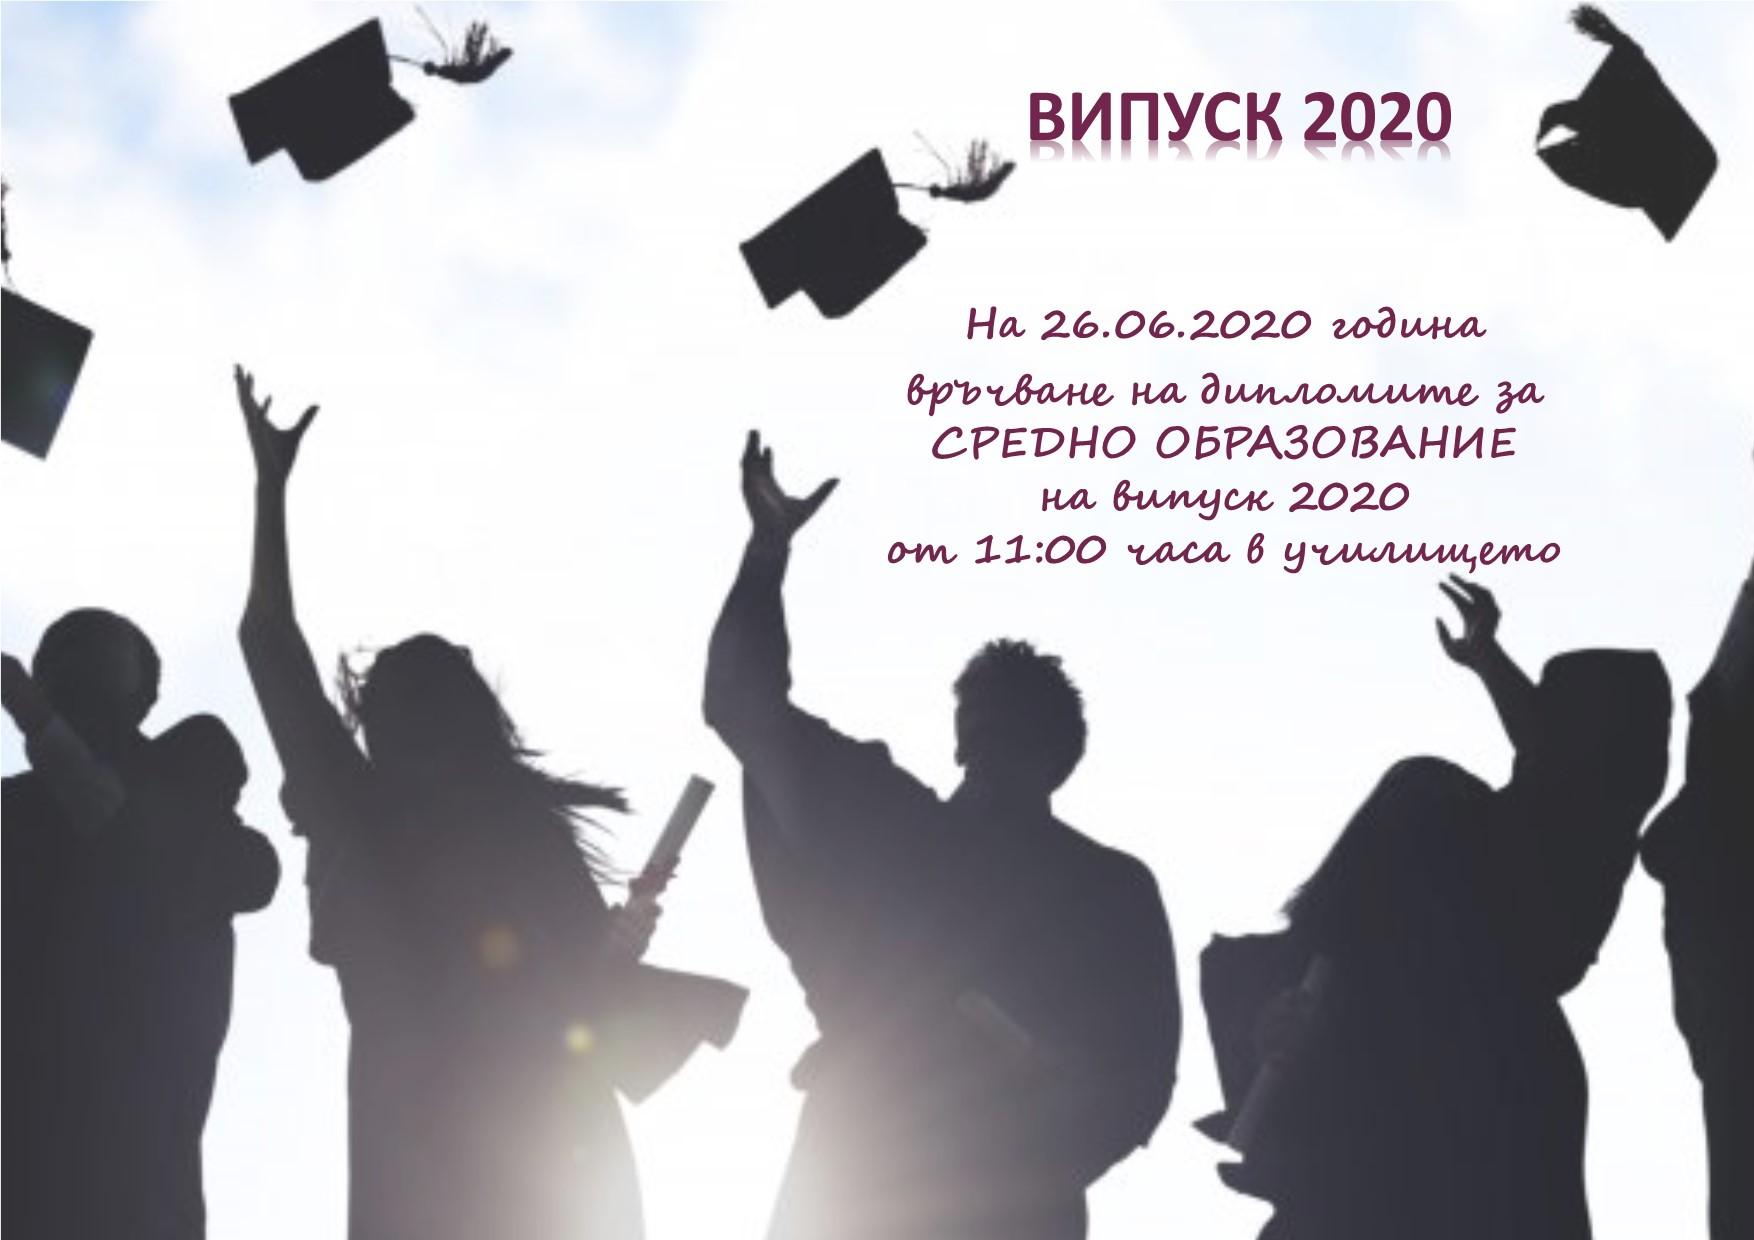 Дипломиране на випуск 2020-1